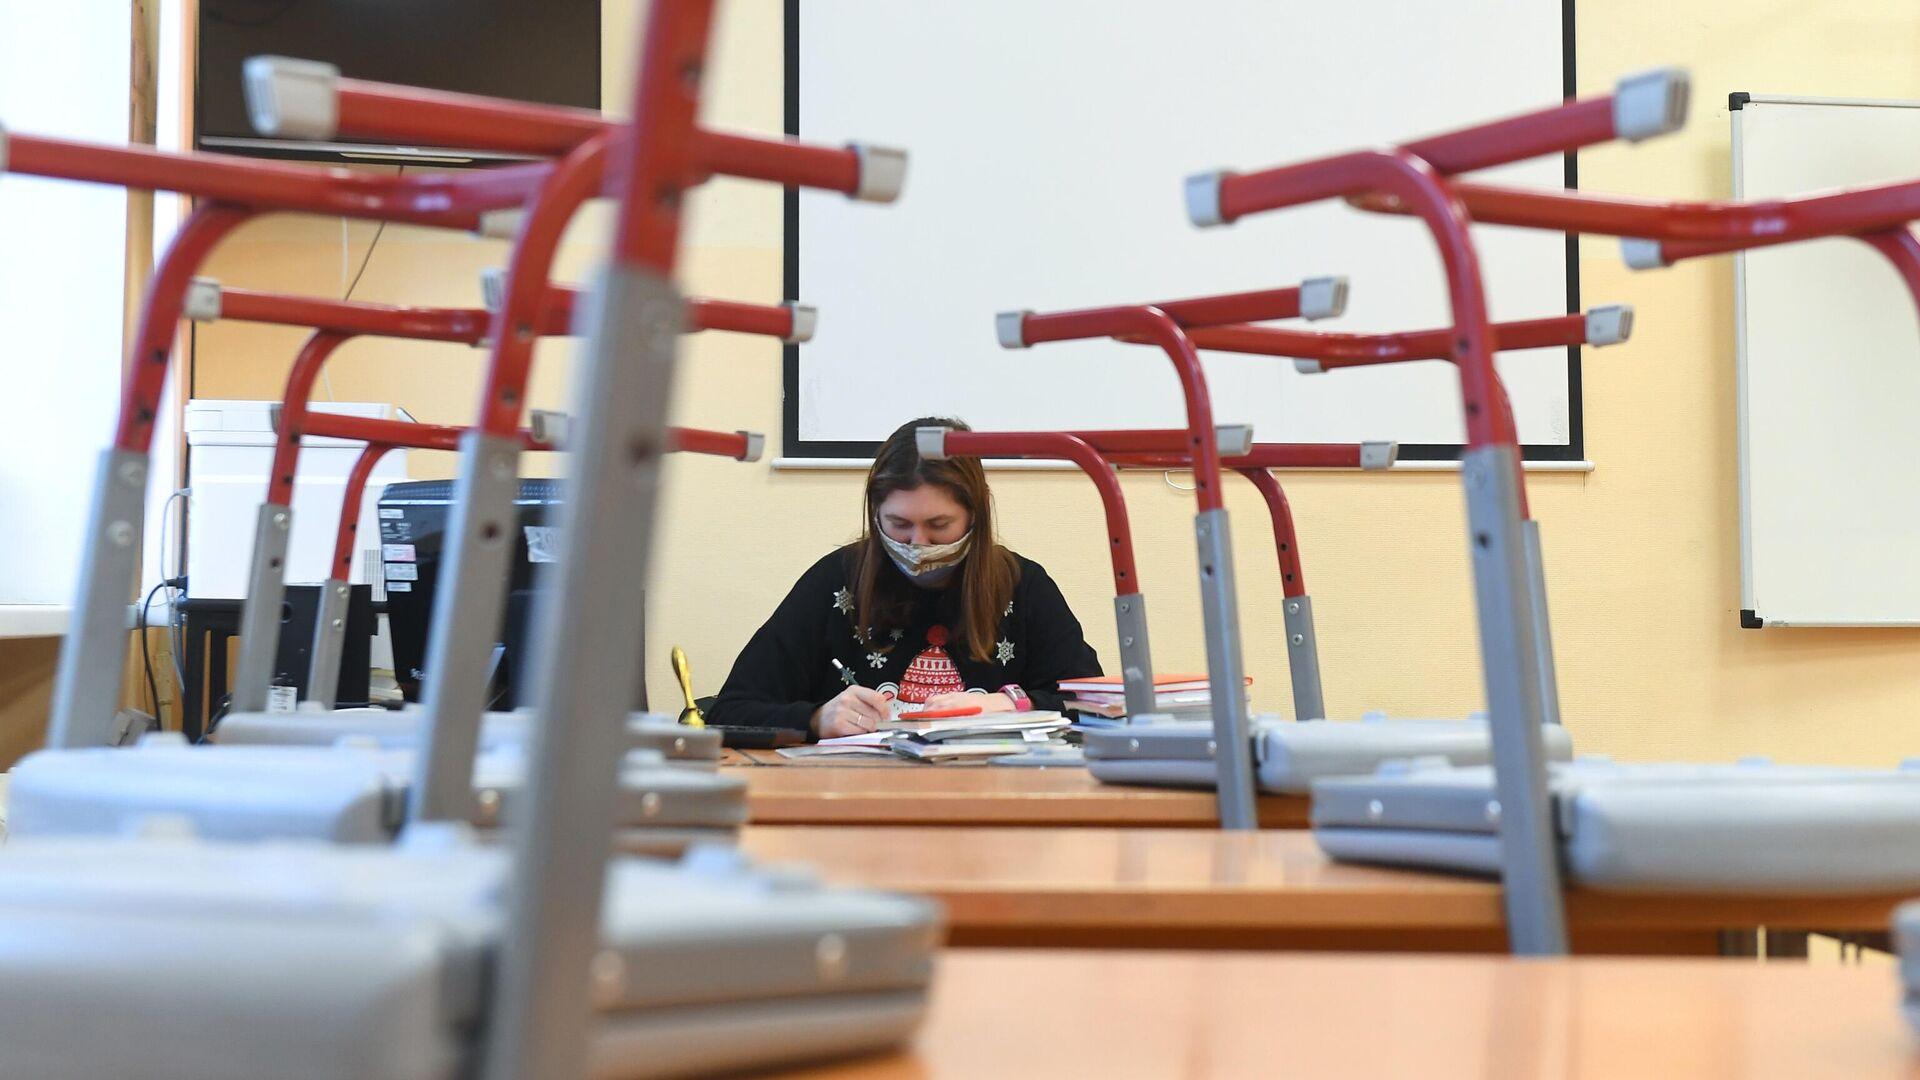 Преподаватель в учебном классе московской общеобразовательной школы №2107 во время подготовки к возобновлению очного обучения - РИА Новости, 1920, 08.04.2021